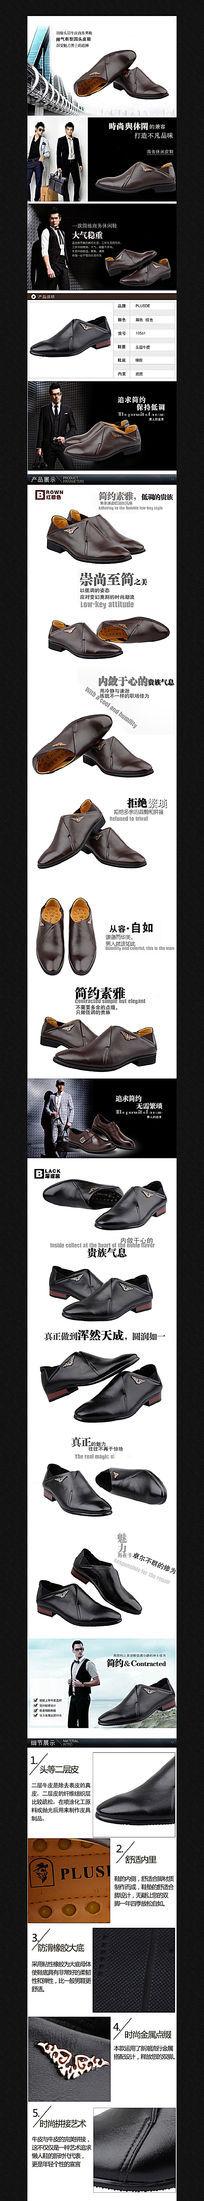 淘宝头层牛皮男士商务皮鞋详情页描述图模板